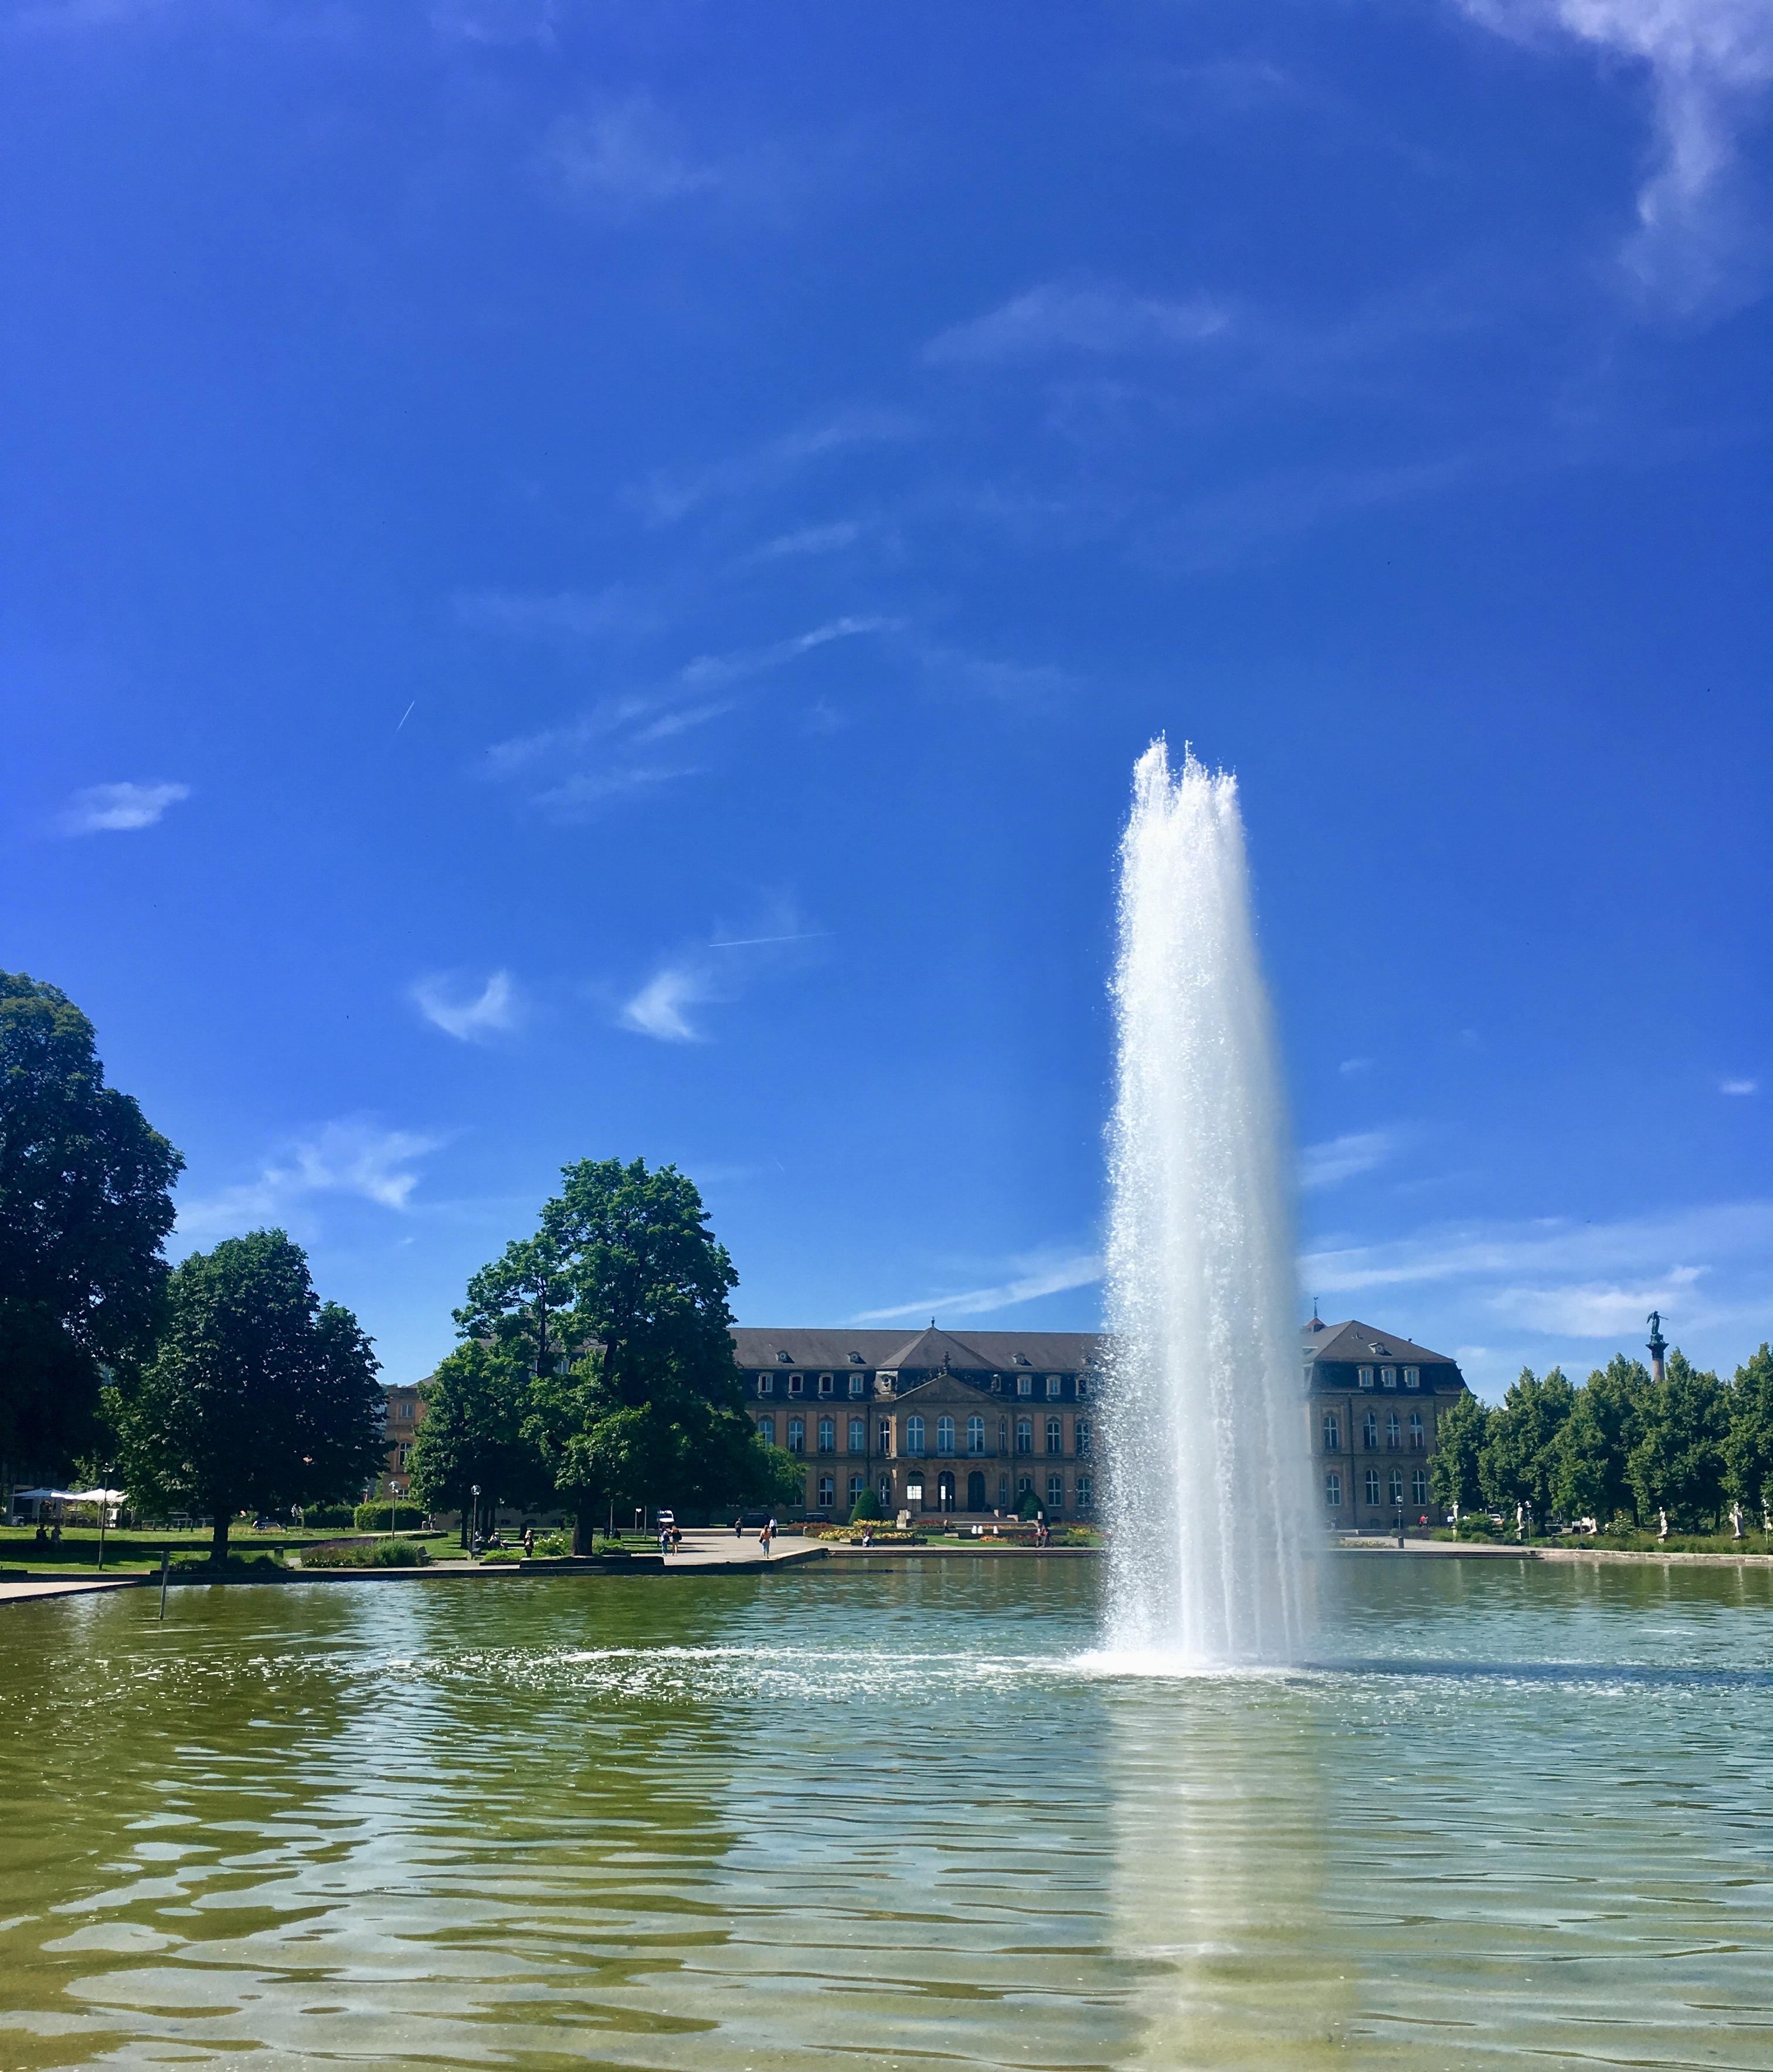 ドイツの宮殿の庭